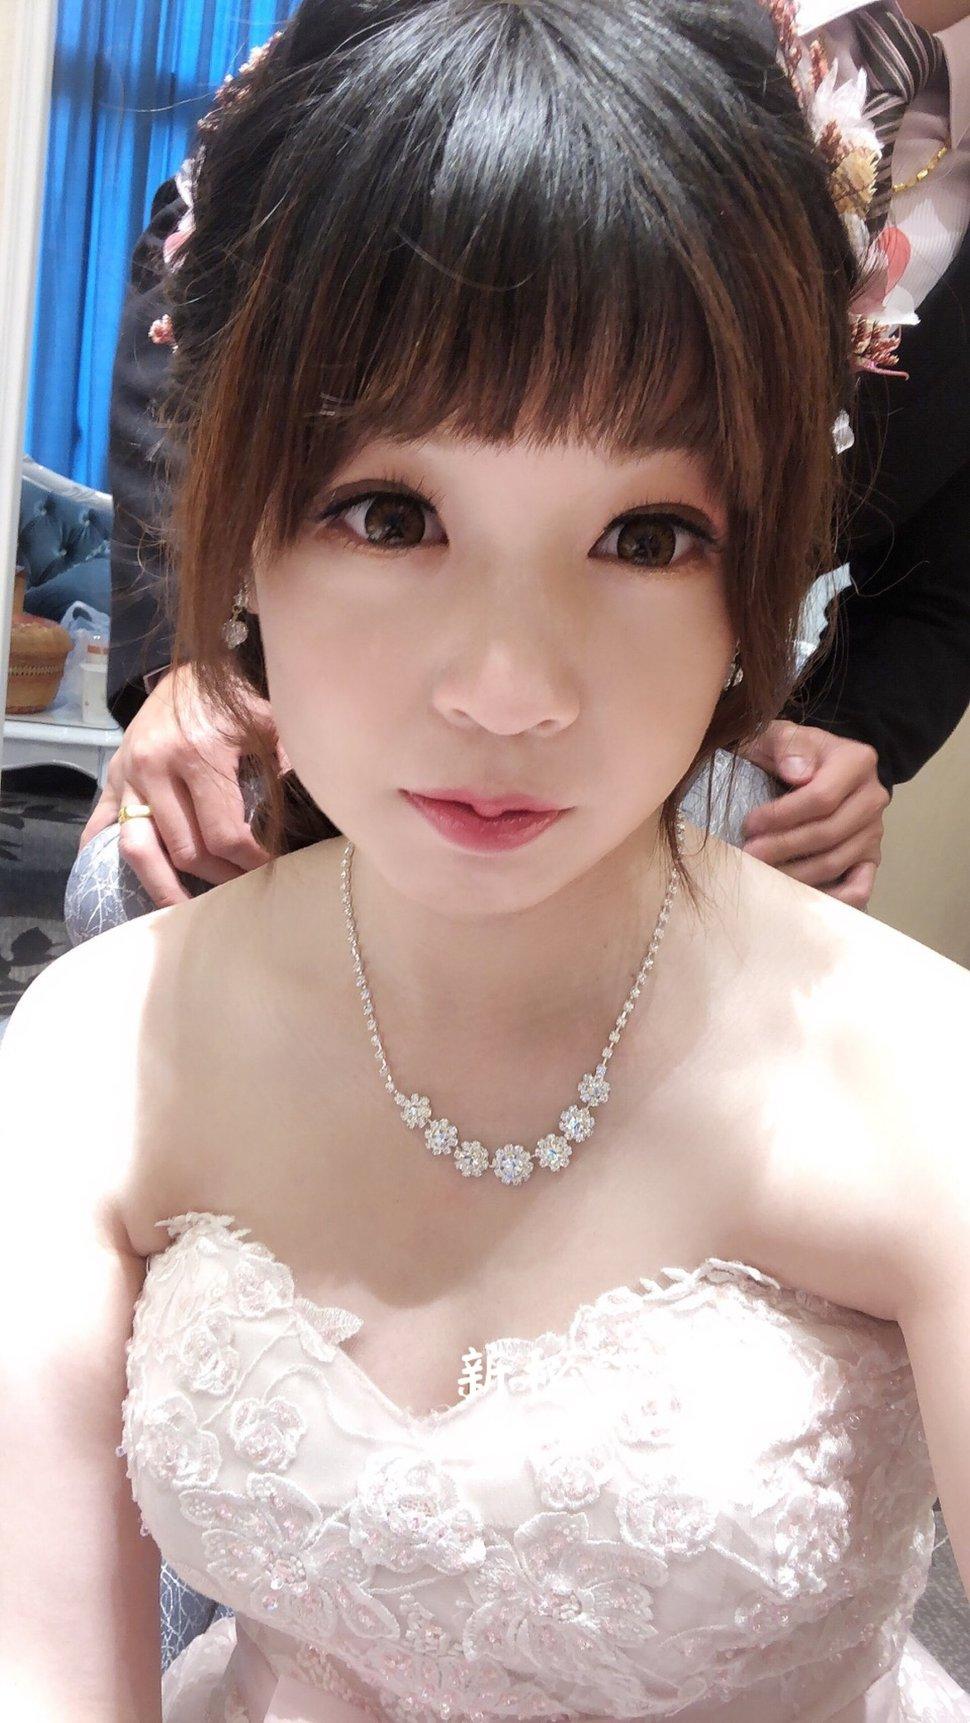 婚宴現場照 - 台中豐原新秘鄧芃芃《結婚吧》